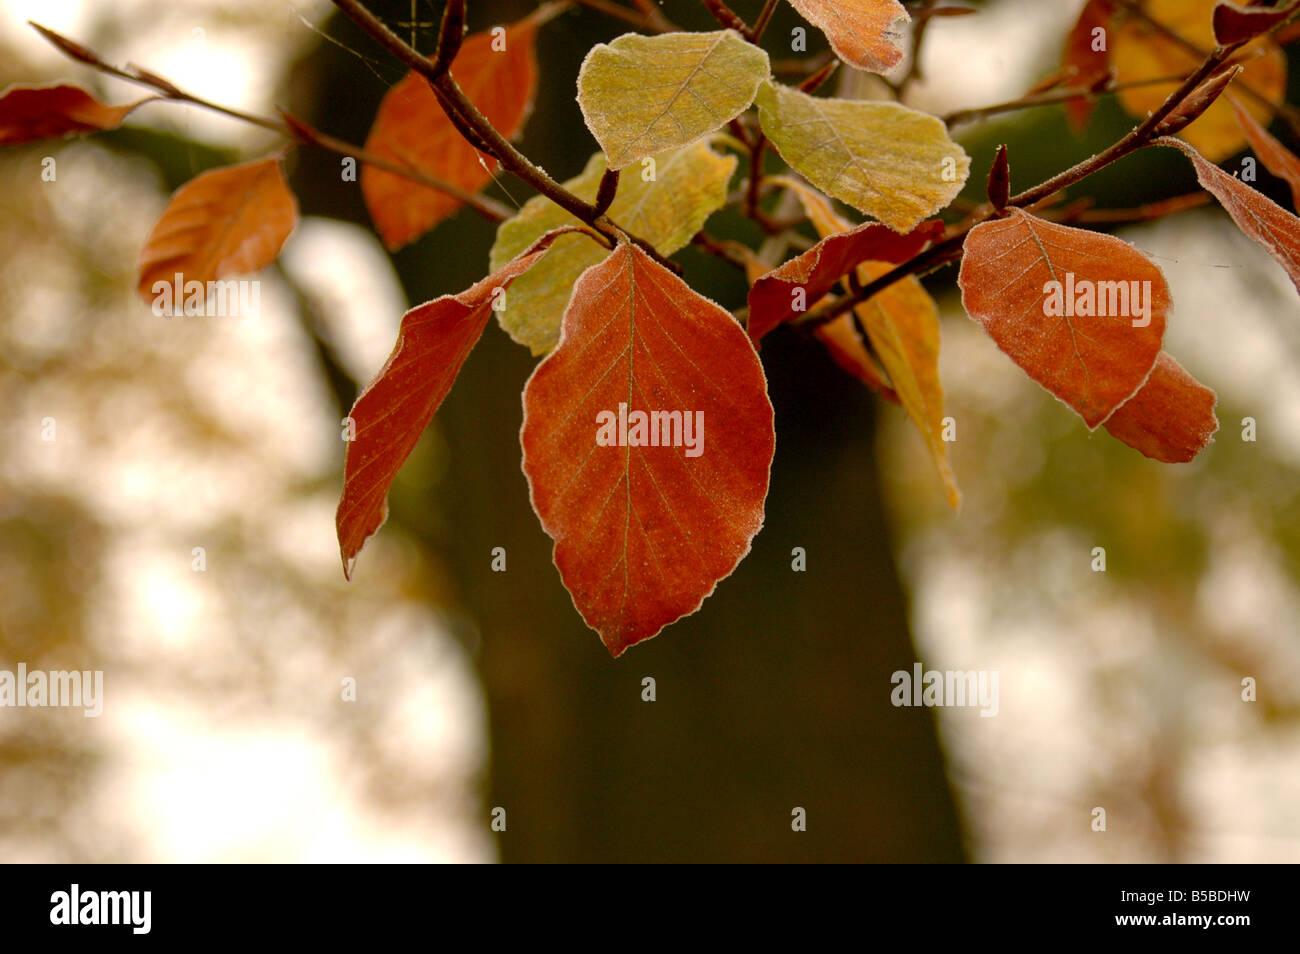 La brina su autunnale di foglie di faggio - Fagus sylvatica Foto Stock